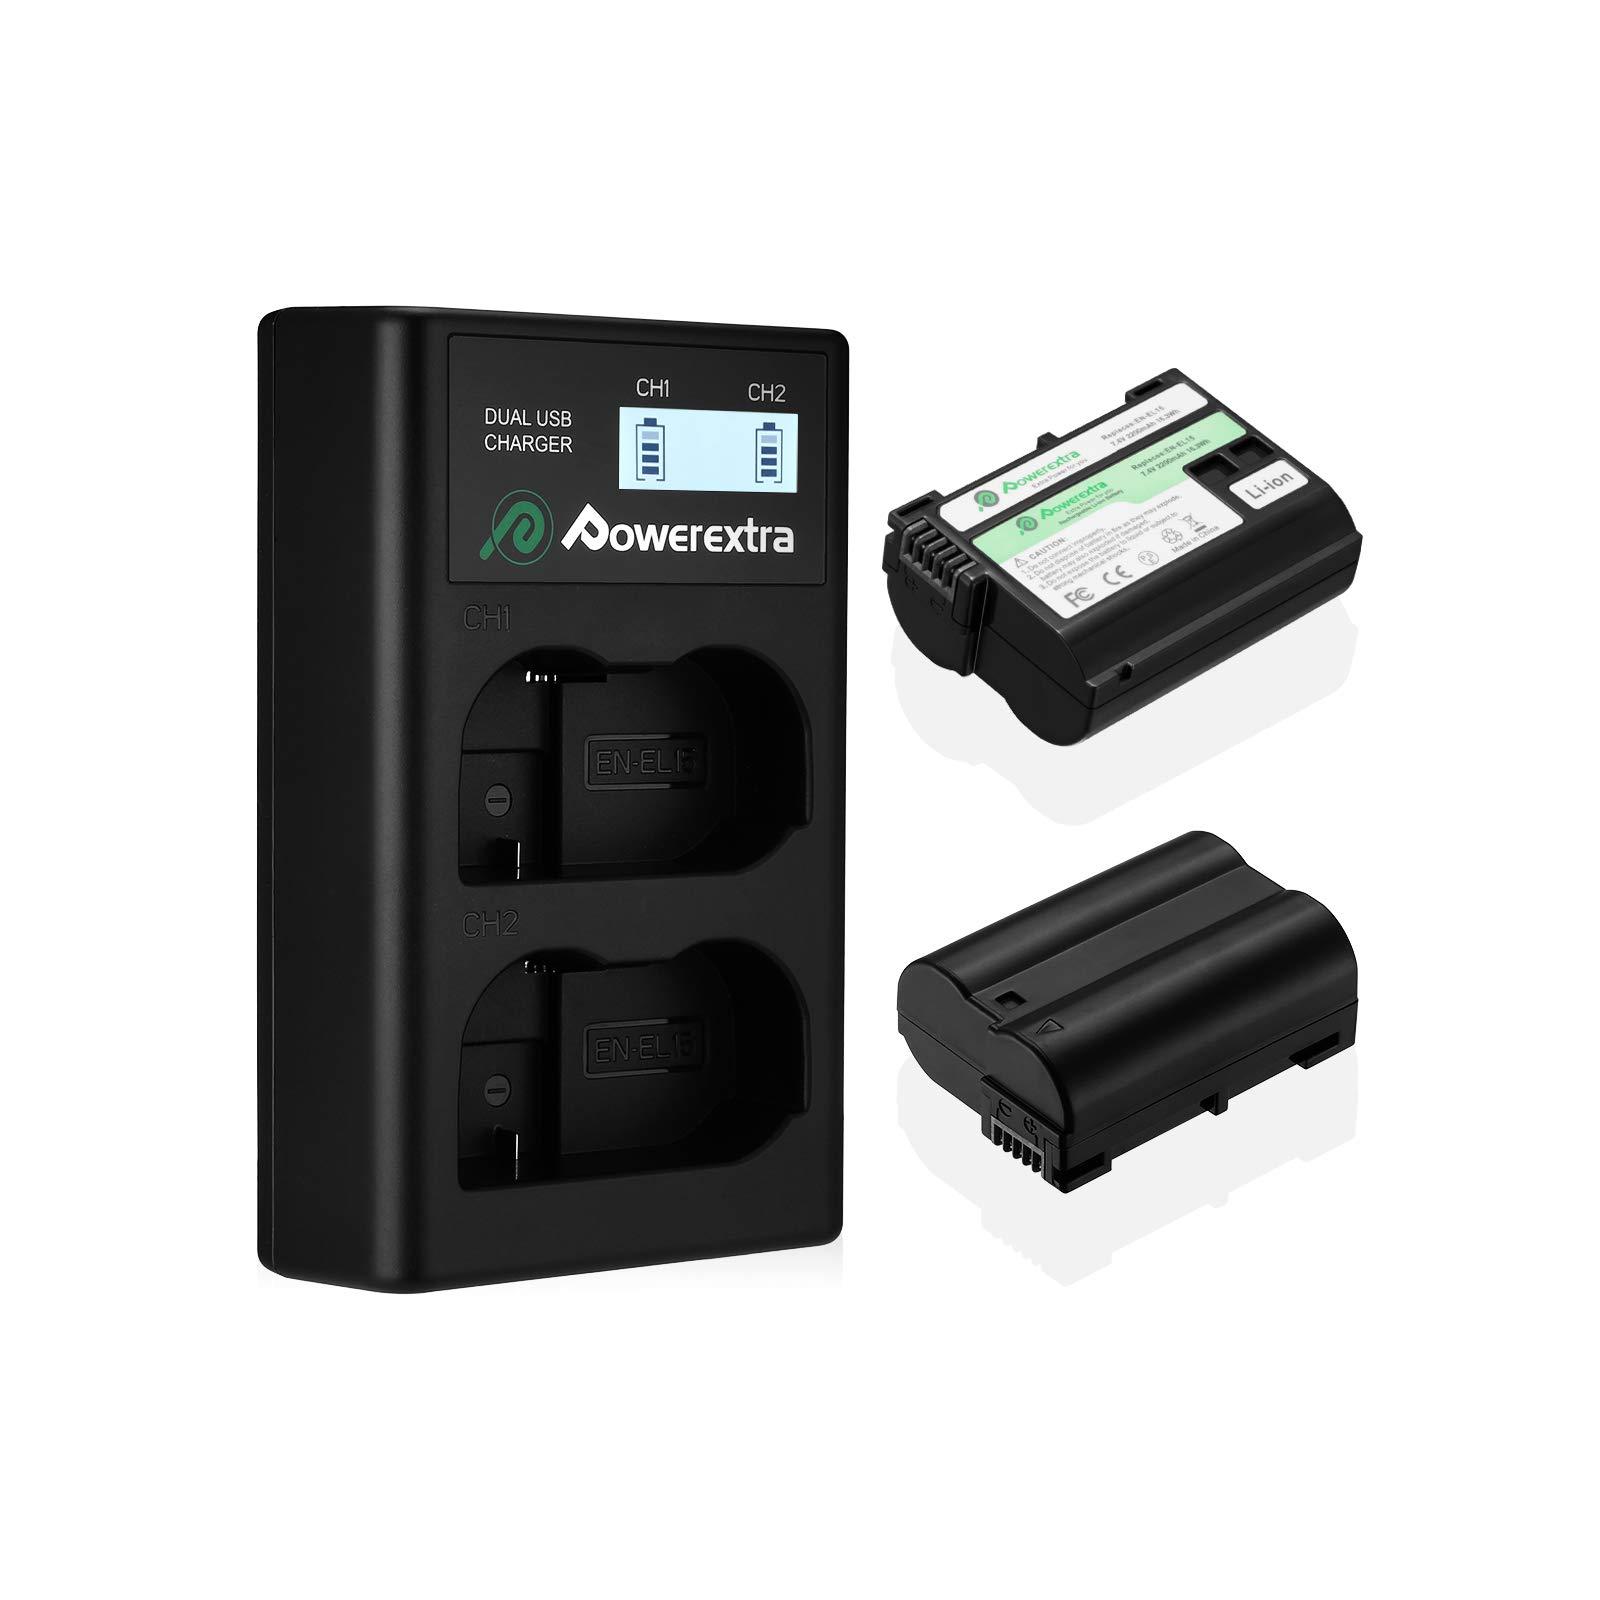 Powerextra 2 x 2200mAh EN-EL15 batteries and Charger with LCD Display Compatible with Nikon Z6, Z7, D850, D810, D810A, D800, D800E, D7500, D7200, D7100, D7000, D750, D810, D610, D600, D500